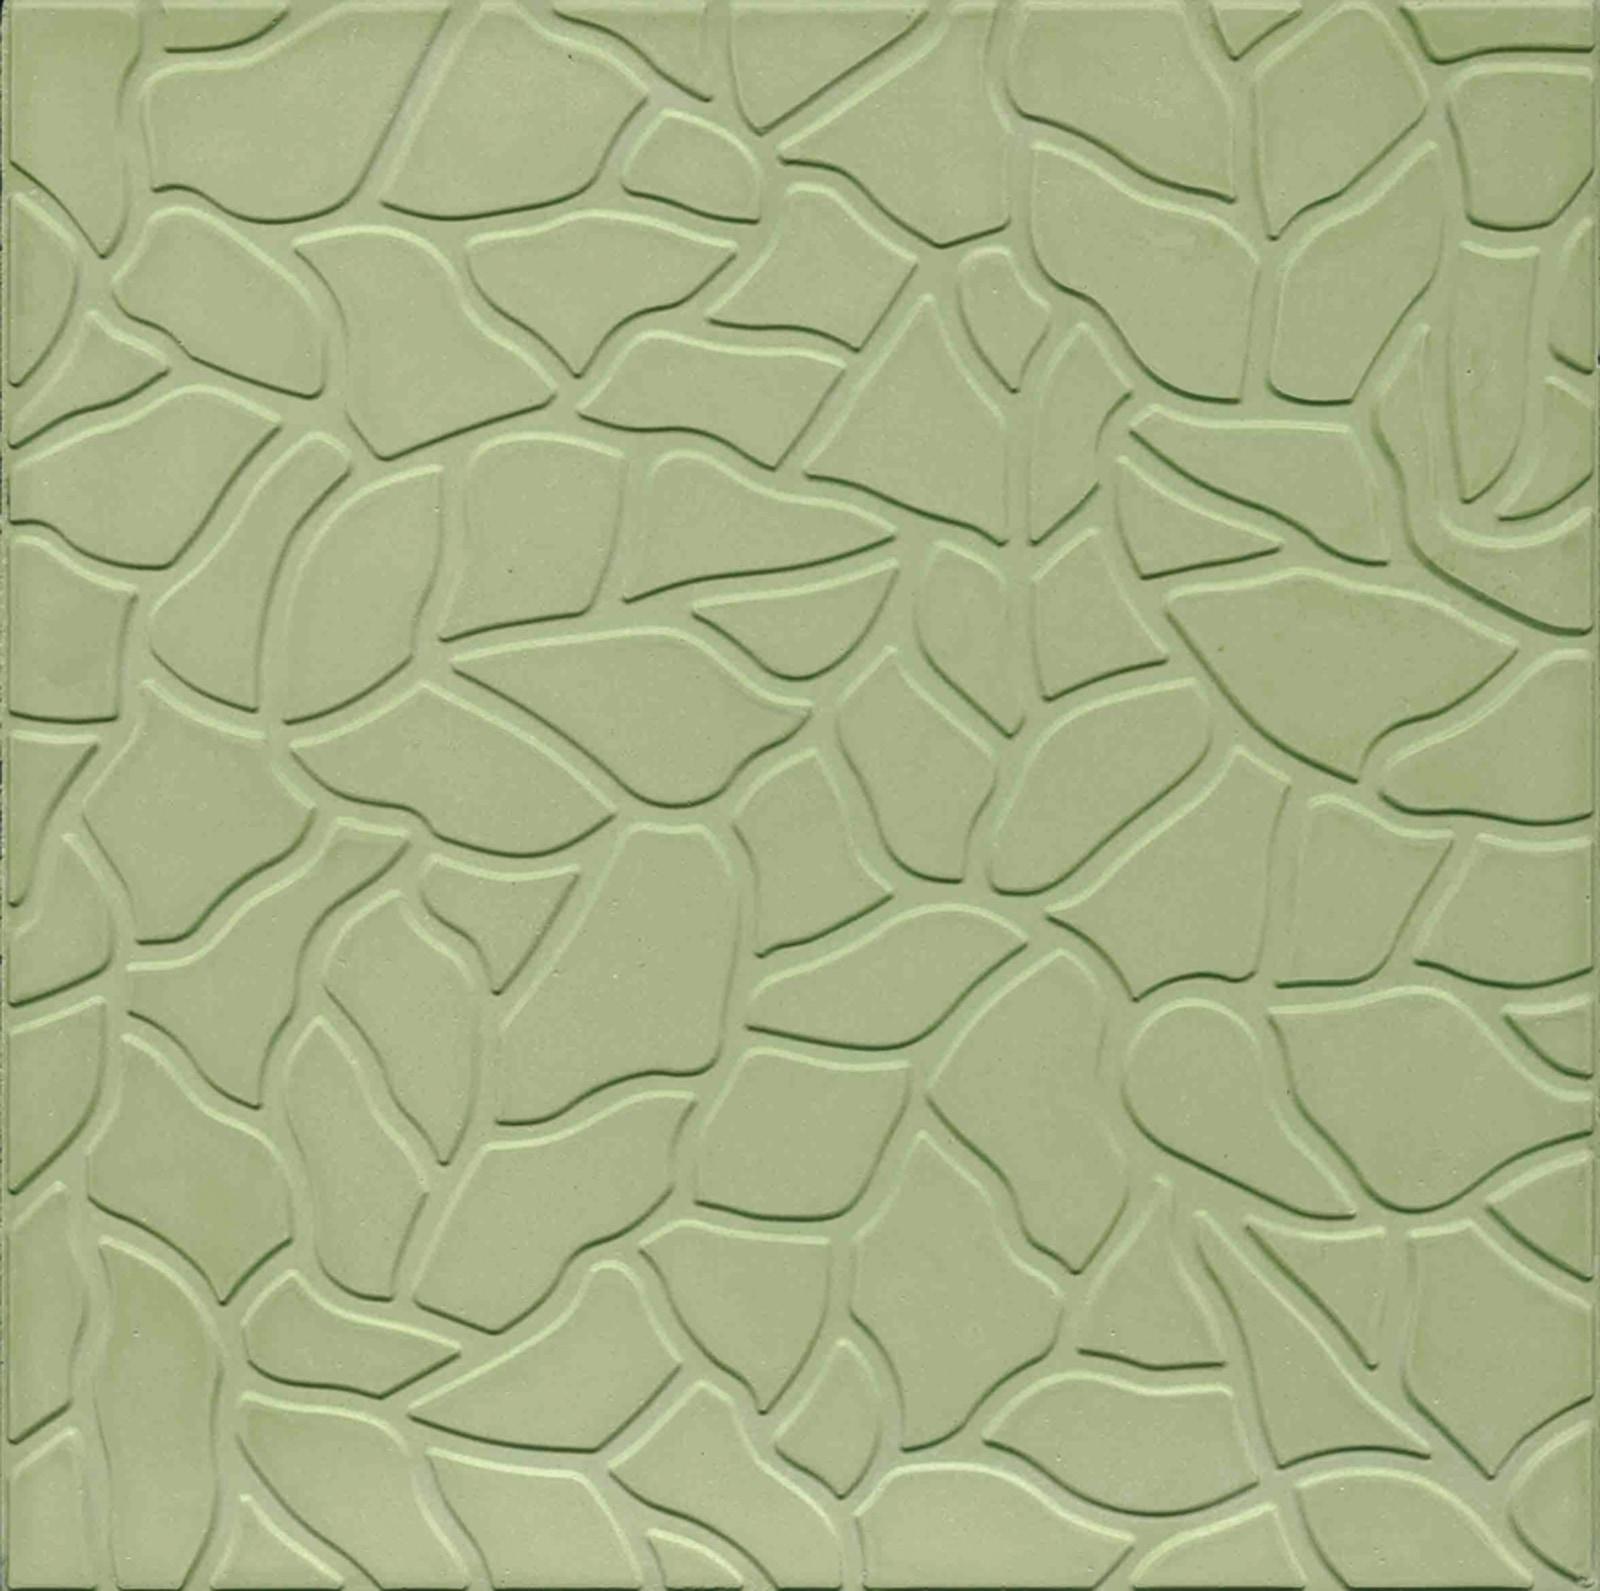 VIA_zementmosaikplatten-nummer-40621